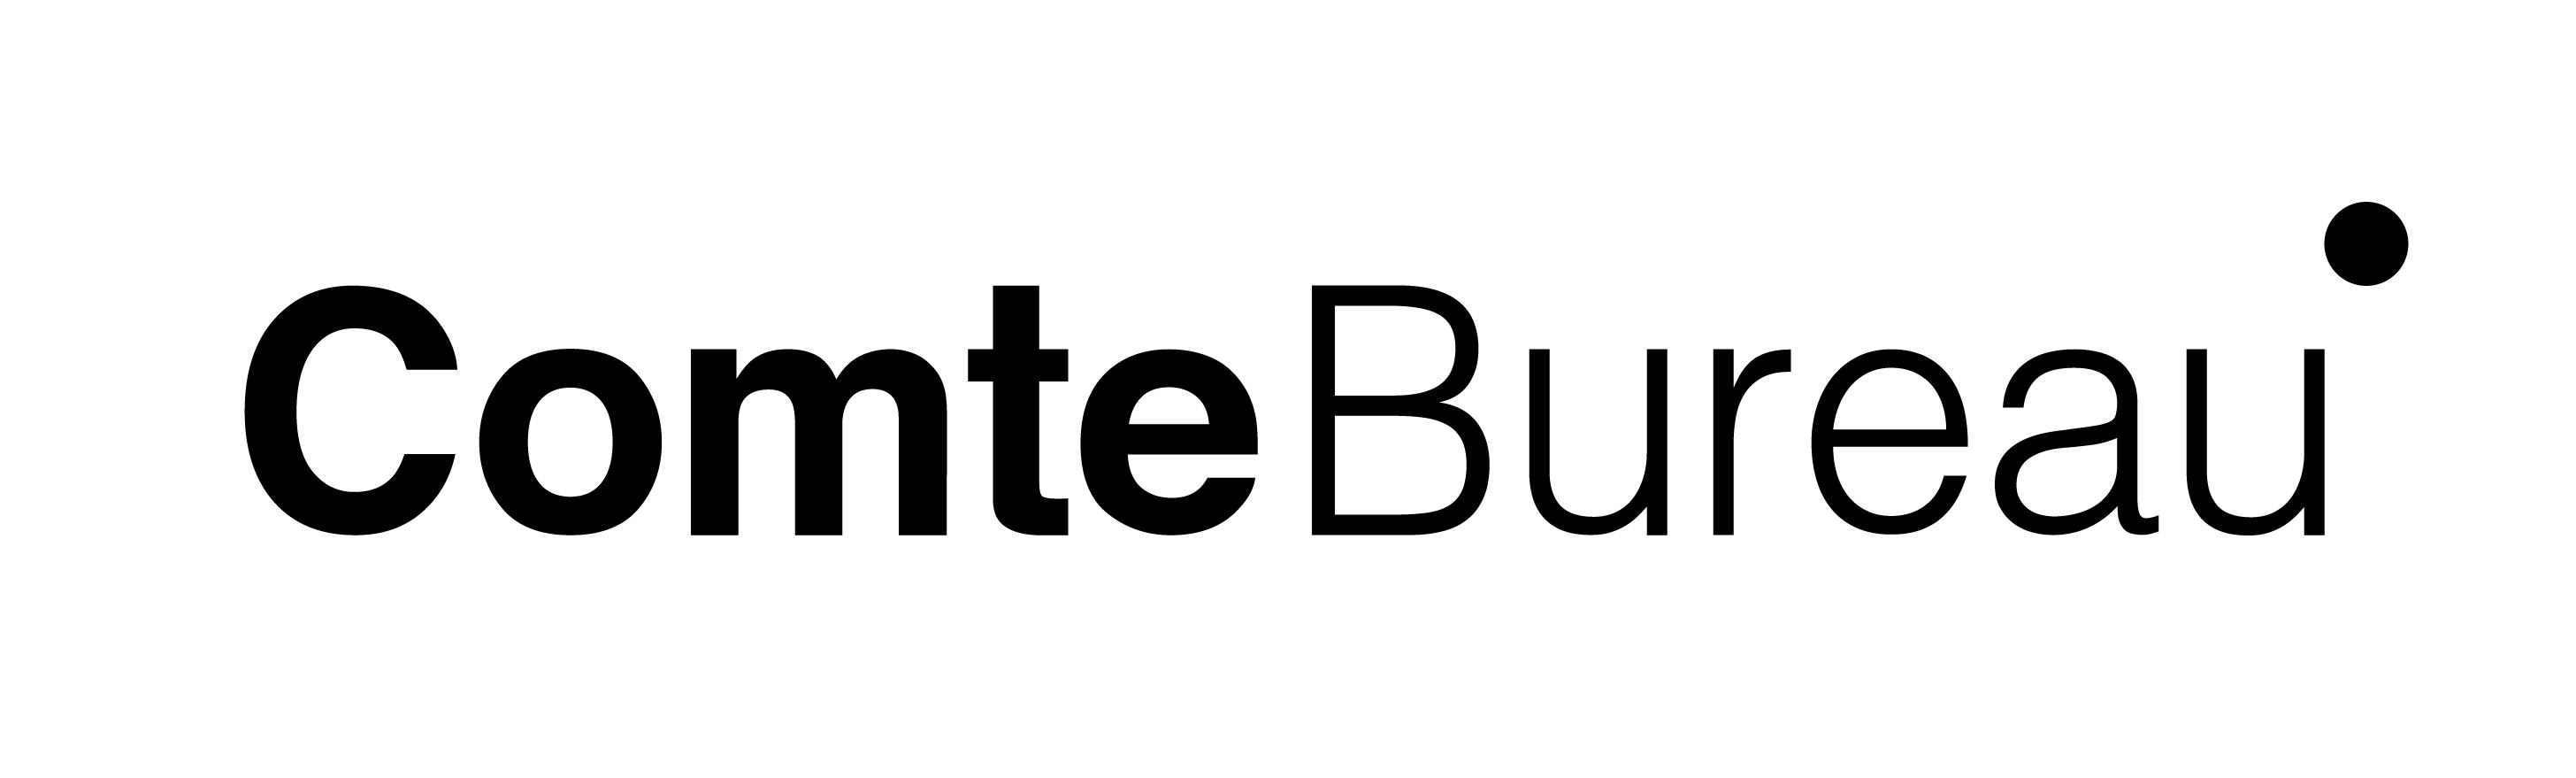 Compte's logo.